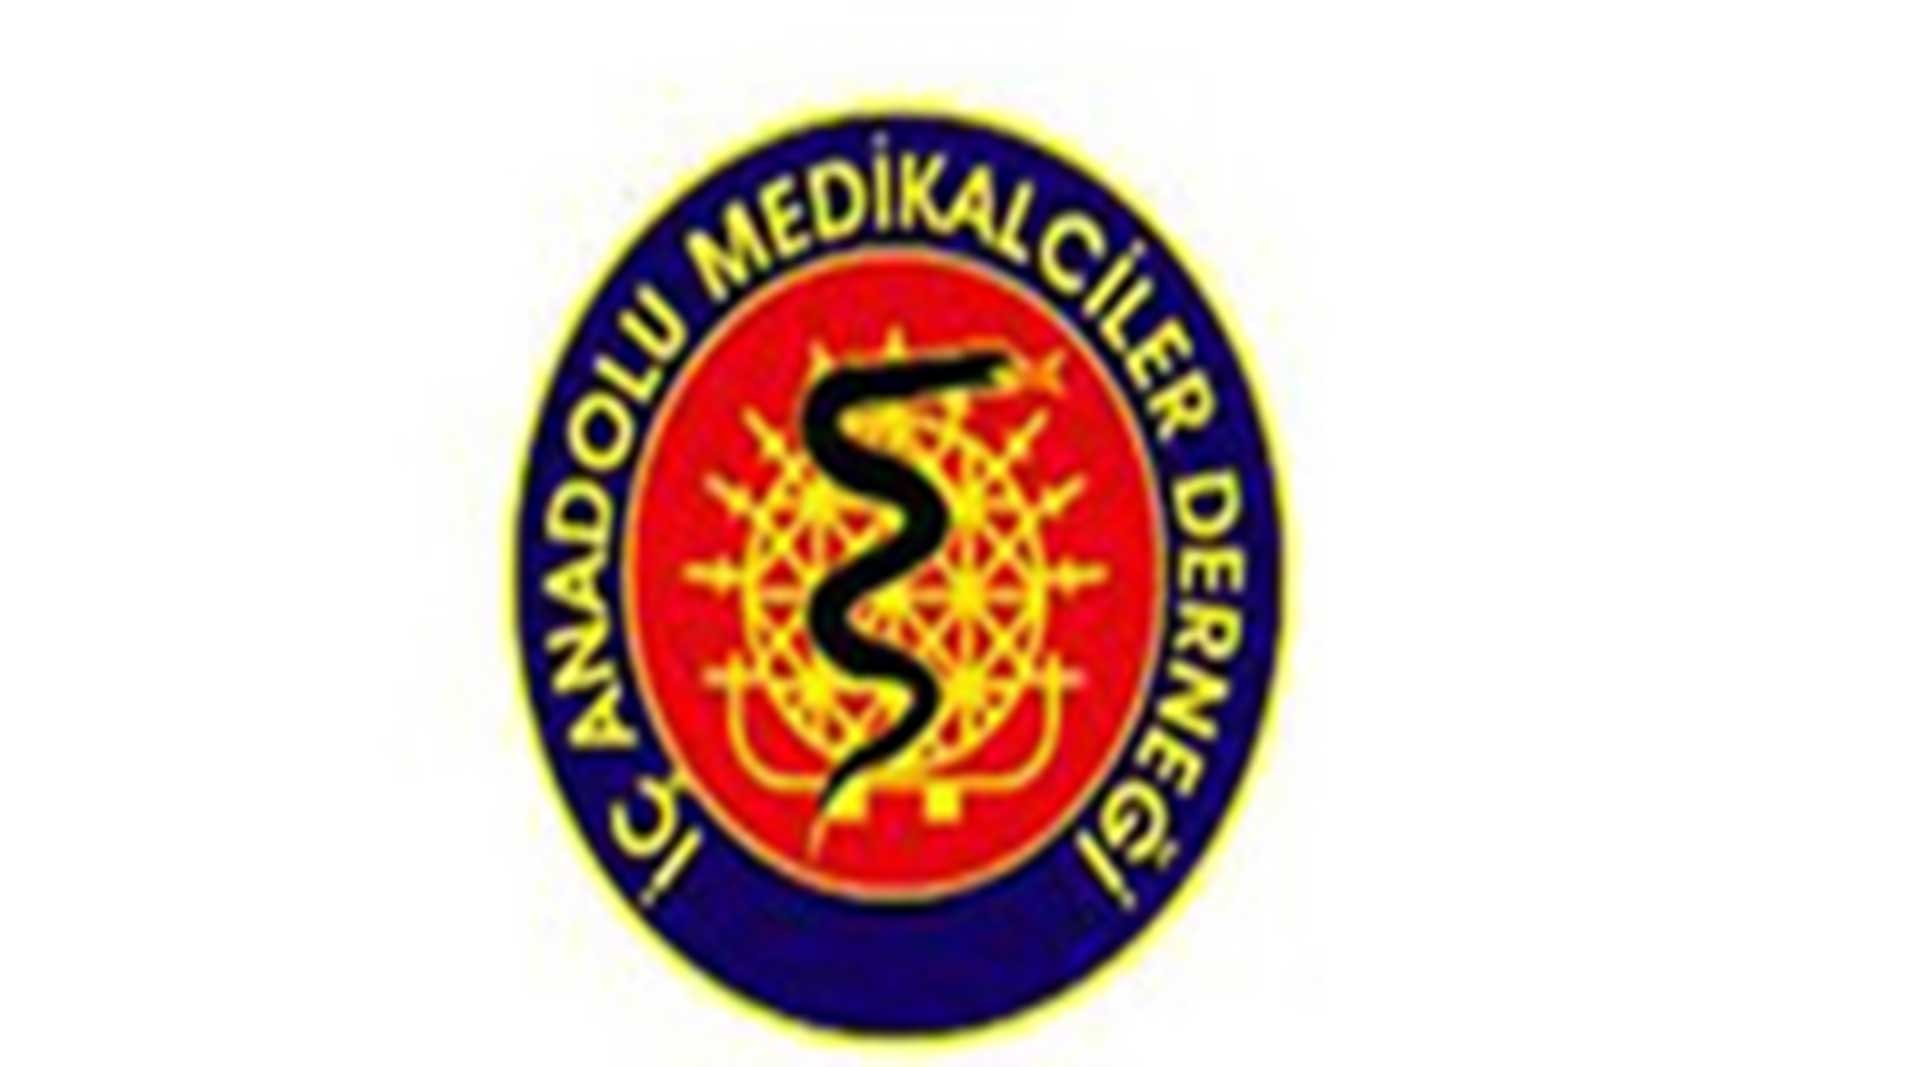 İMDER-İç Anadolu Medikalciler Derneği 19.Mart,Cumartesi